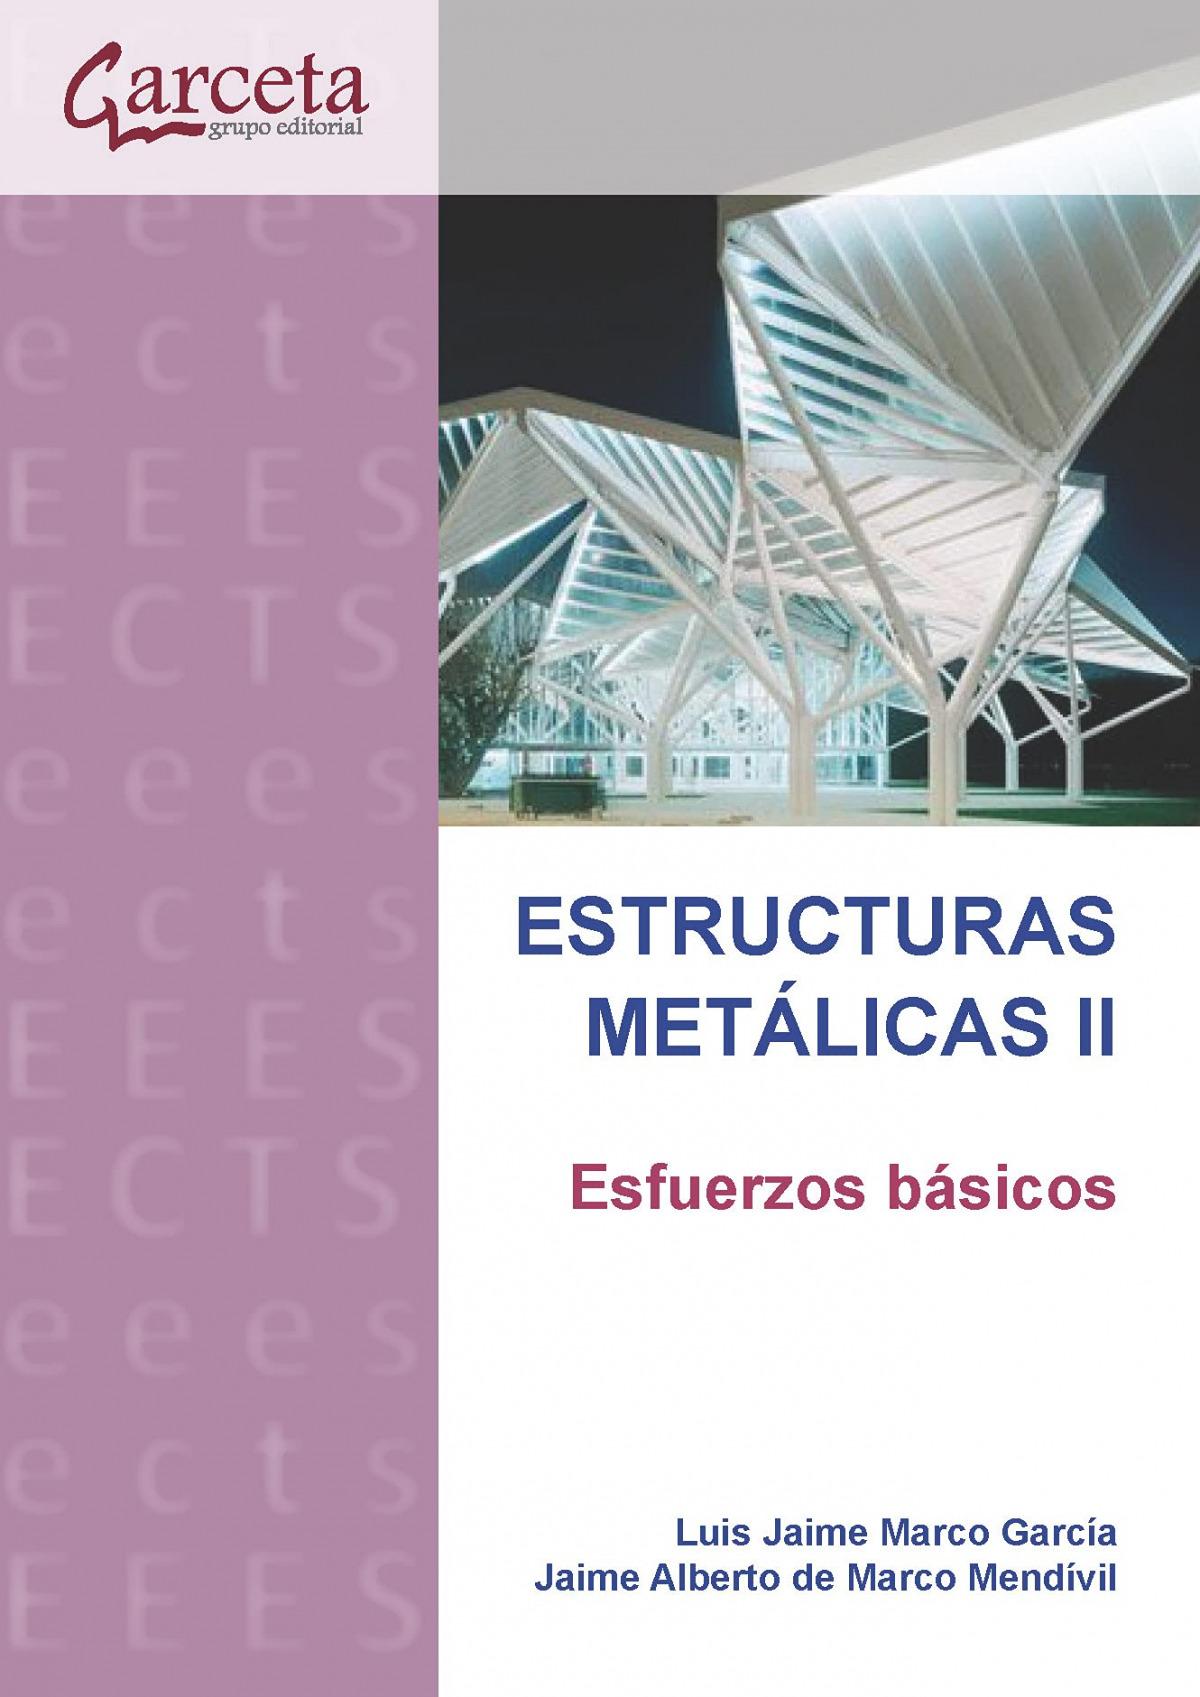 ESTRUCTURAS METALICAS II